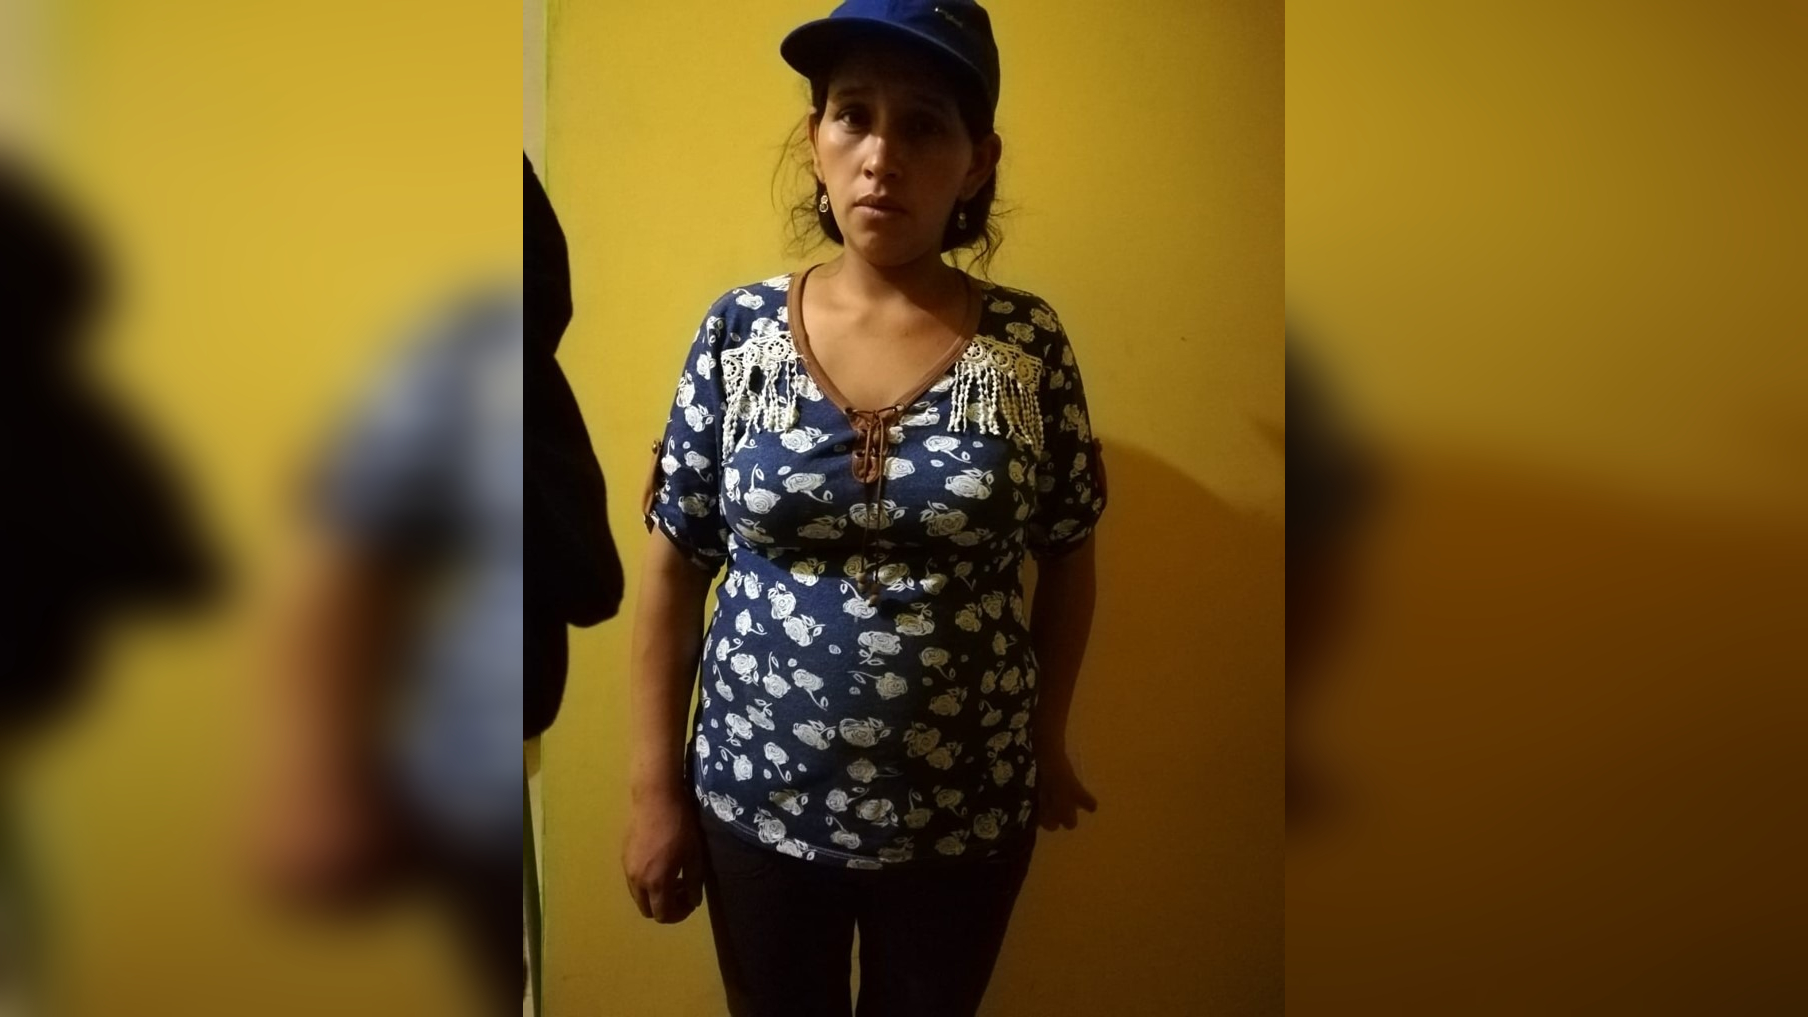 Abogado de Marleny Guerrero alega que su defendida pasa por problemas de salud mental